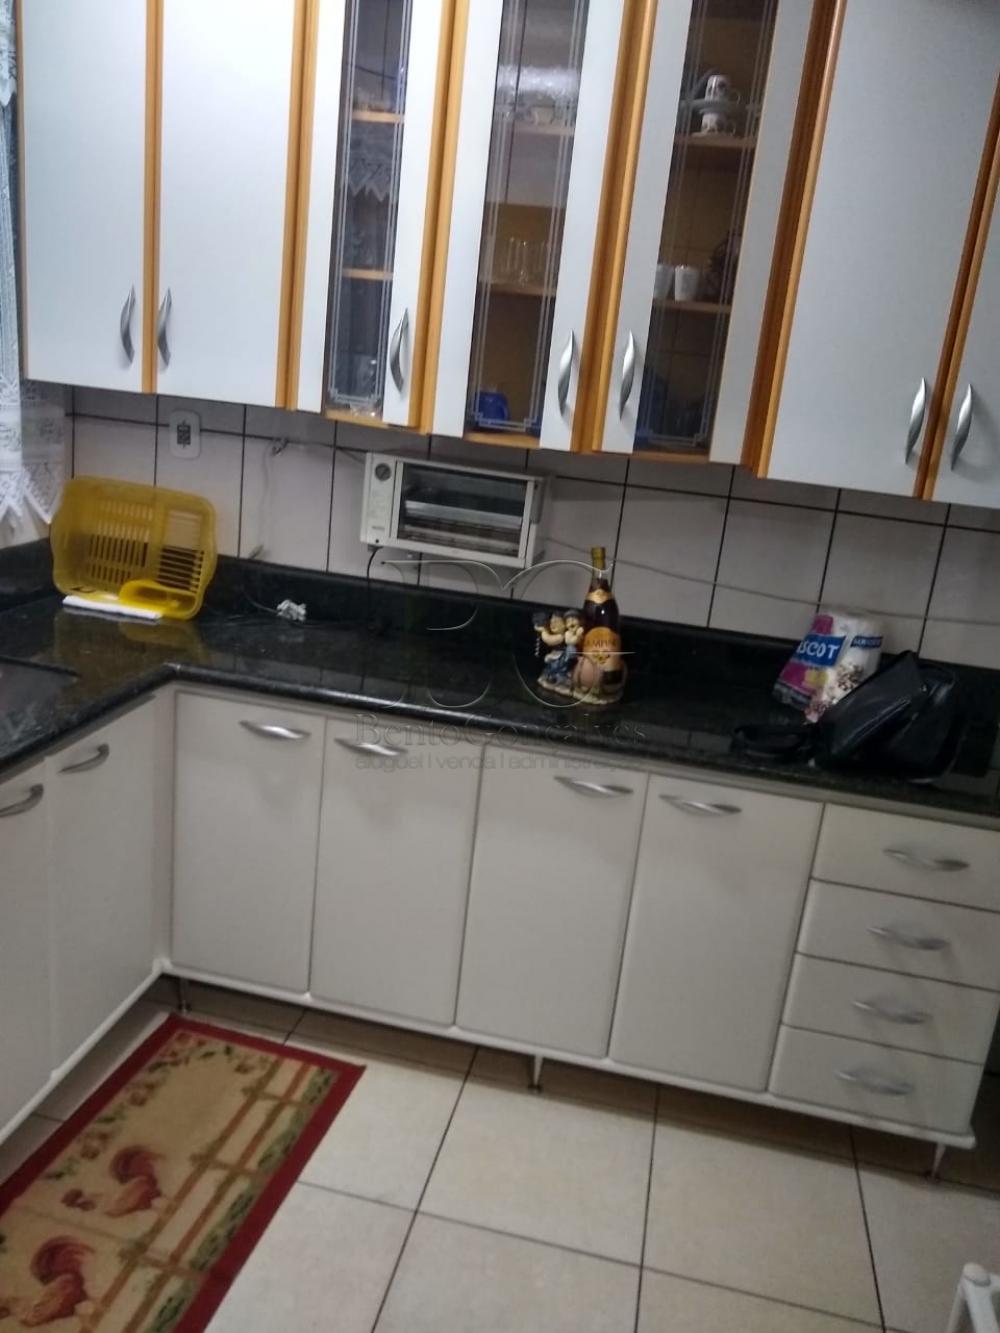 Comprar Apartamentos / Predio comercial e Residencial em Poços de Caldas apenas R$ 400.000,00 - Foto 3